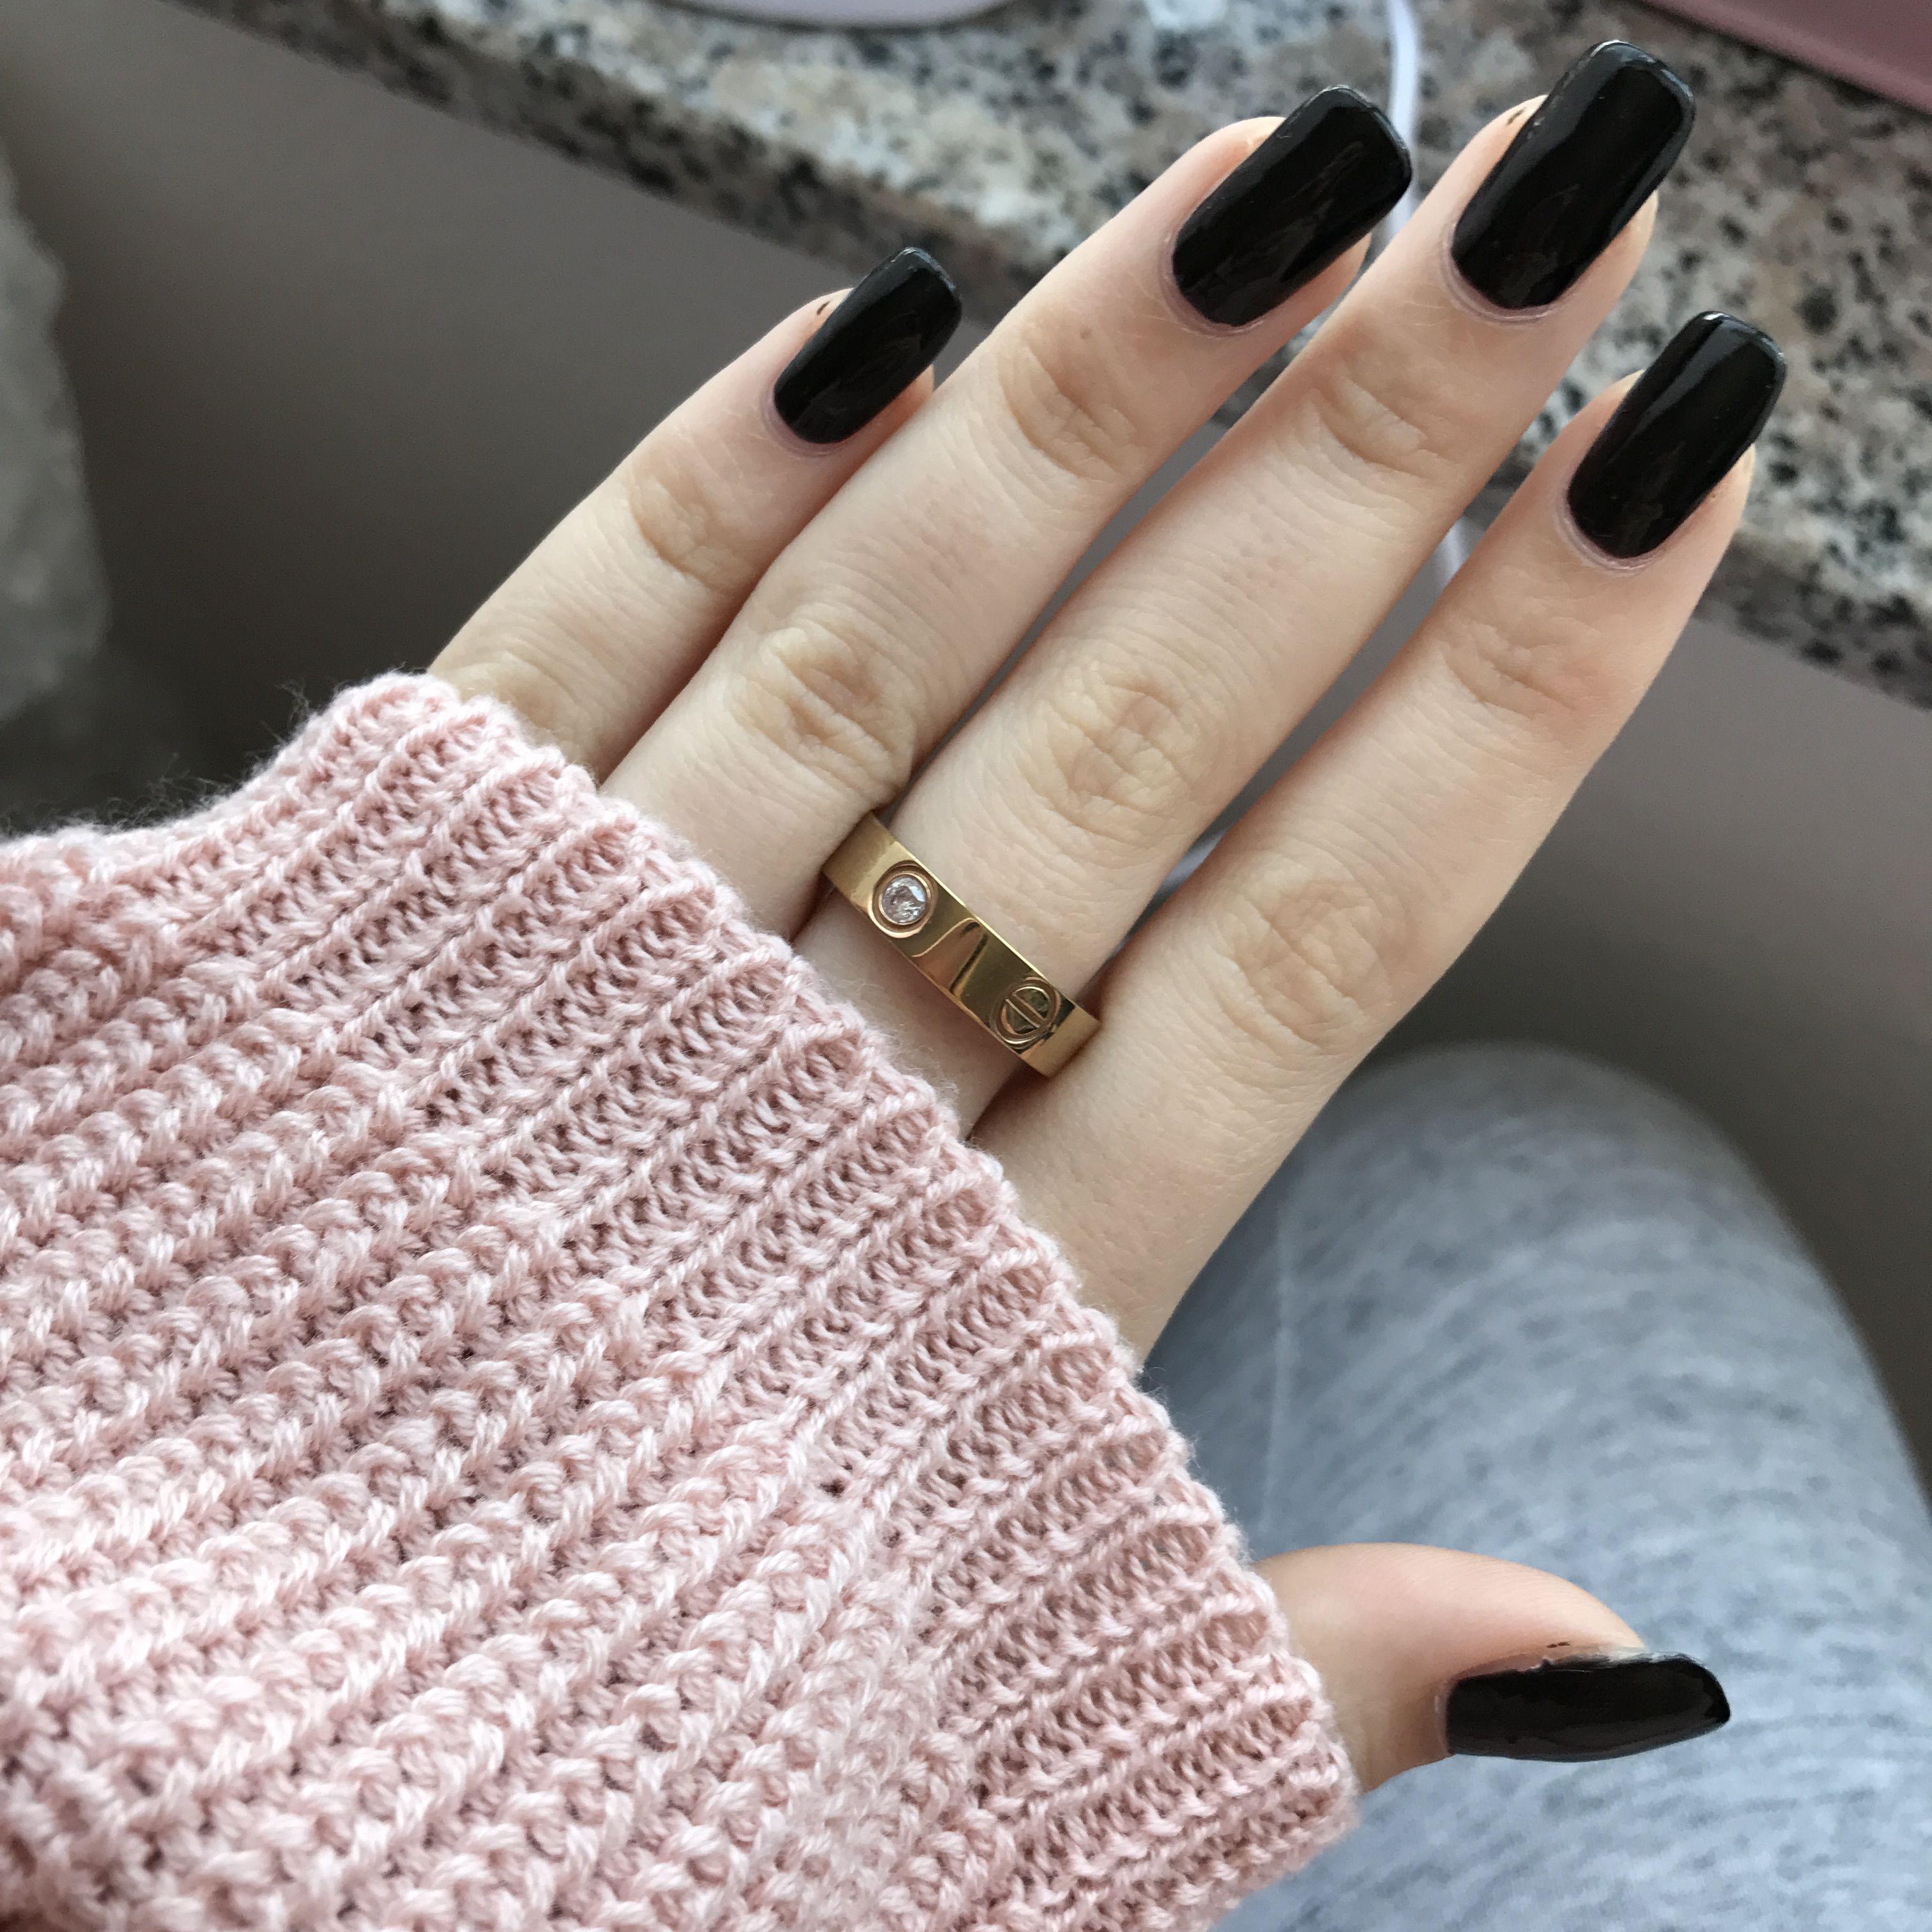 Pin by jenni litt on nails pinterest manicure